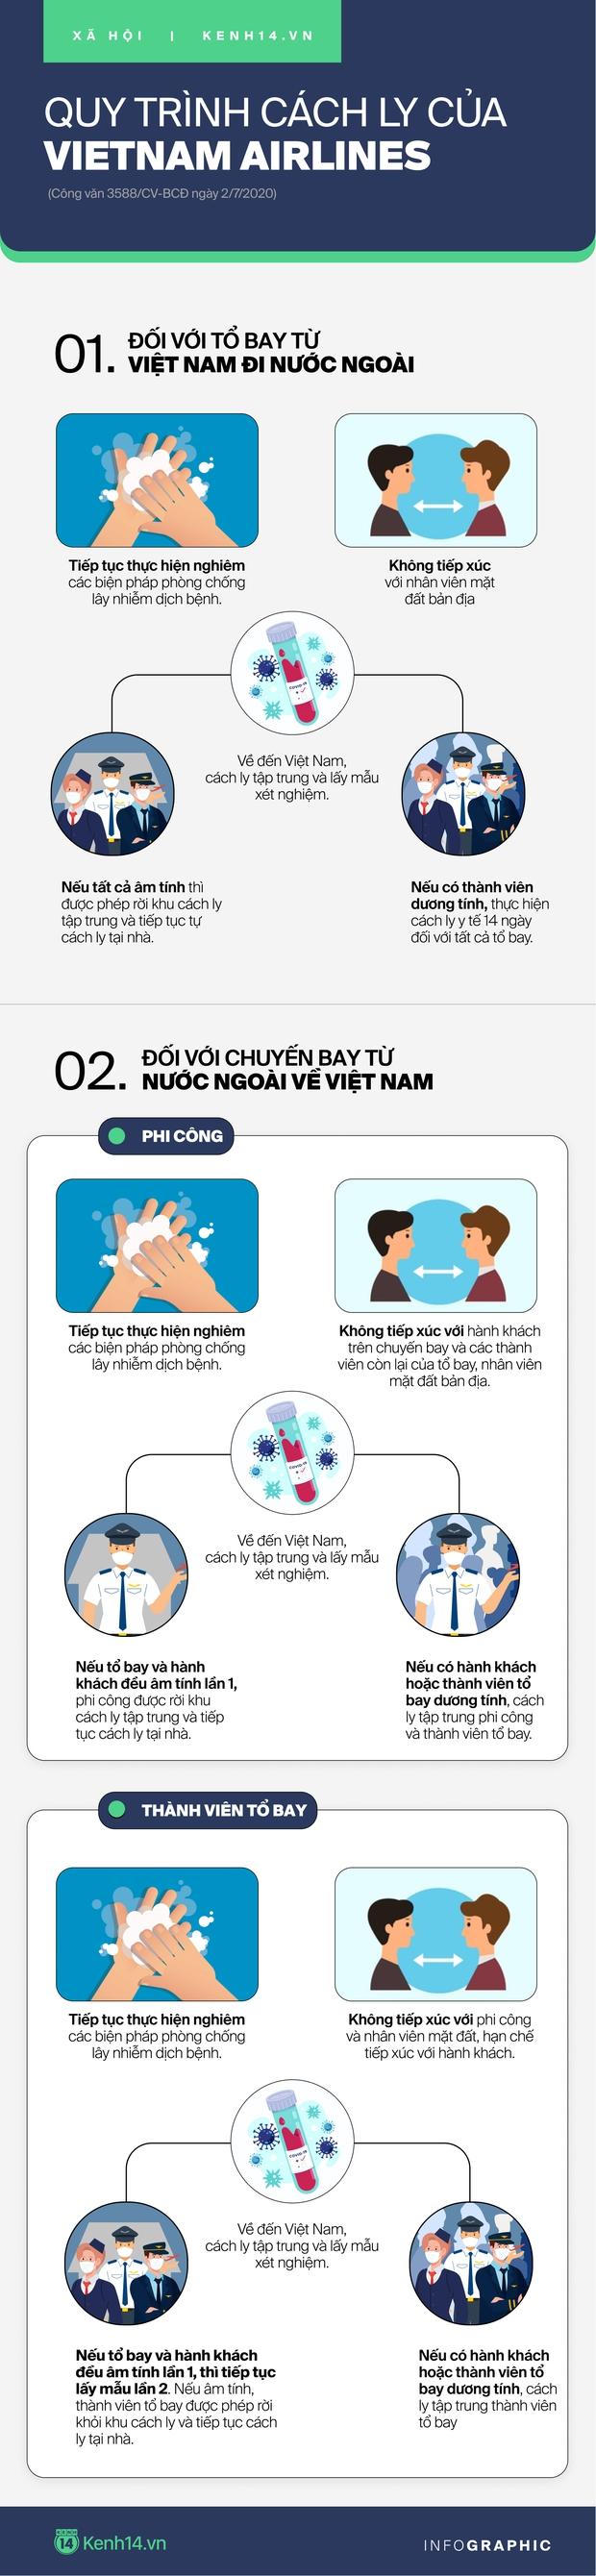 INFOGRAPHIC: Quy trình cách ly tổ bay của Vietnam Airlines - Ảnh 1.